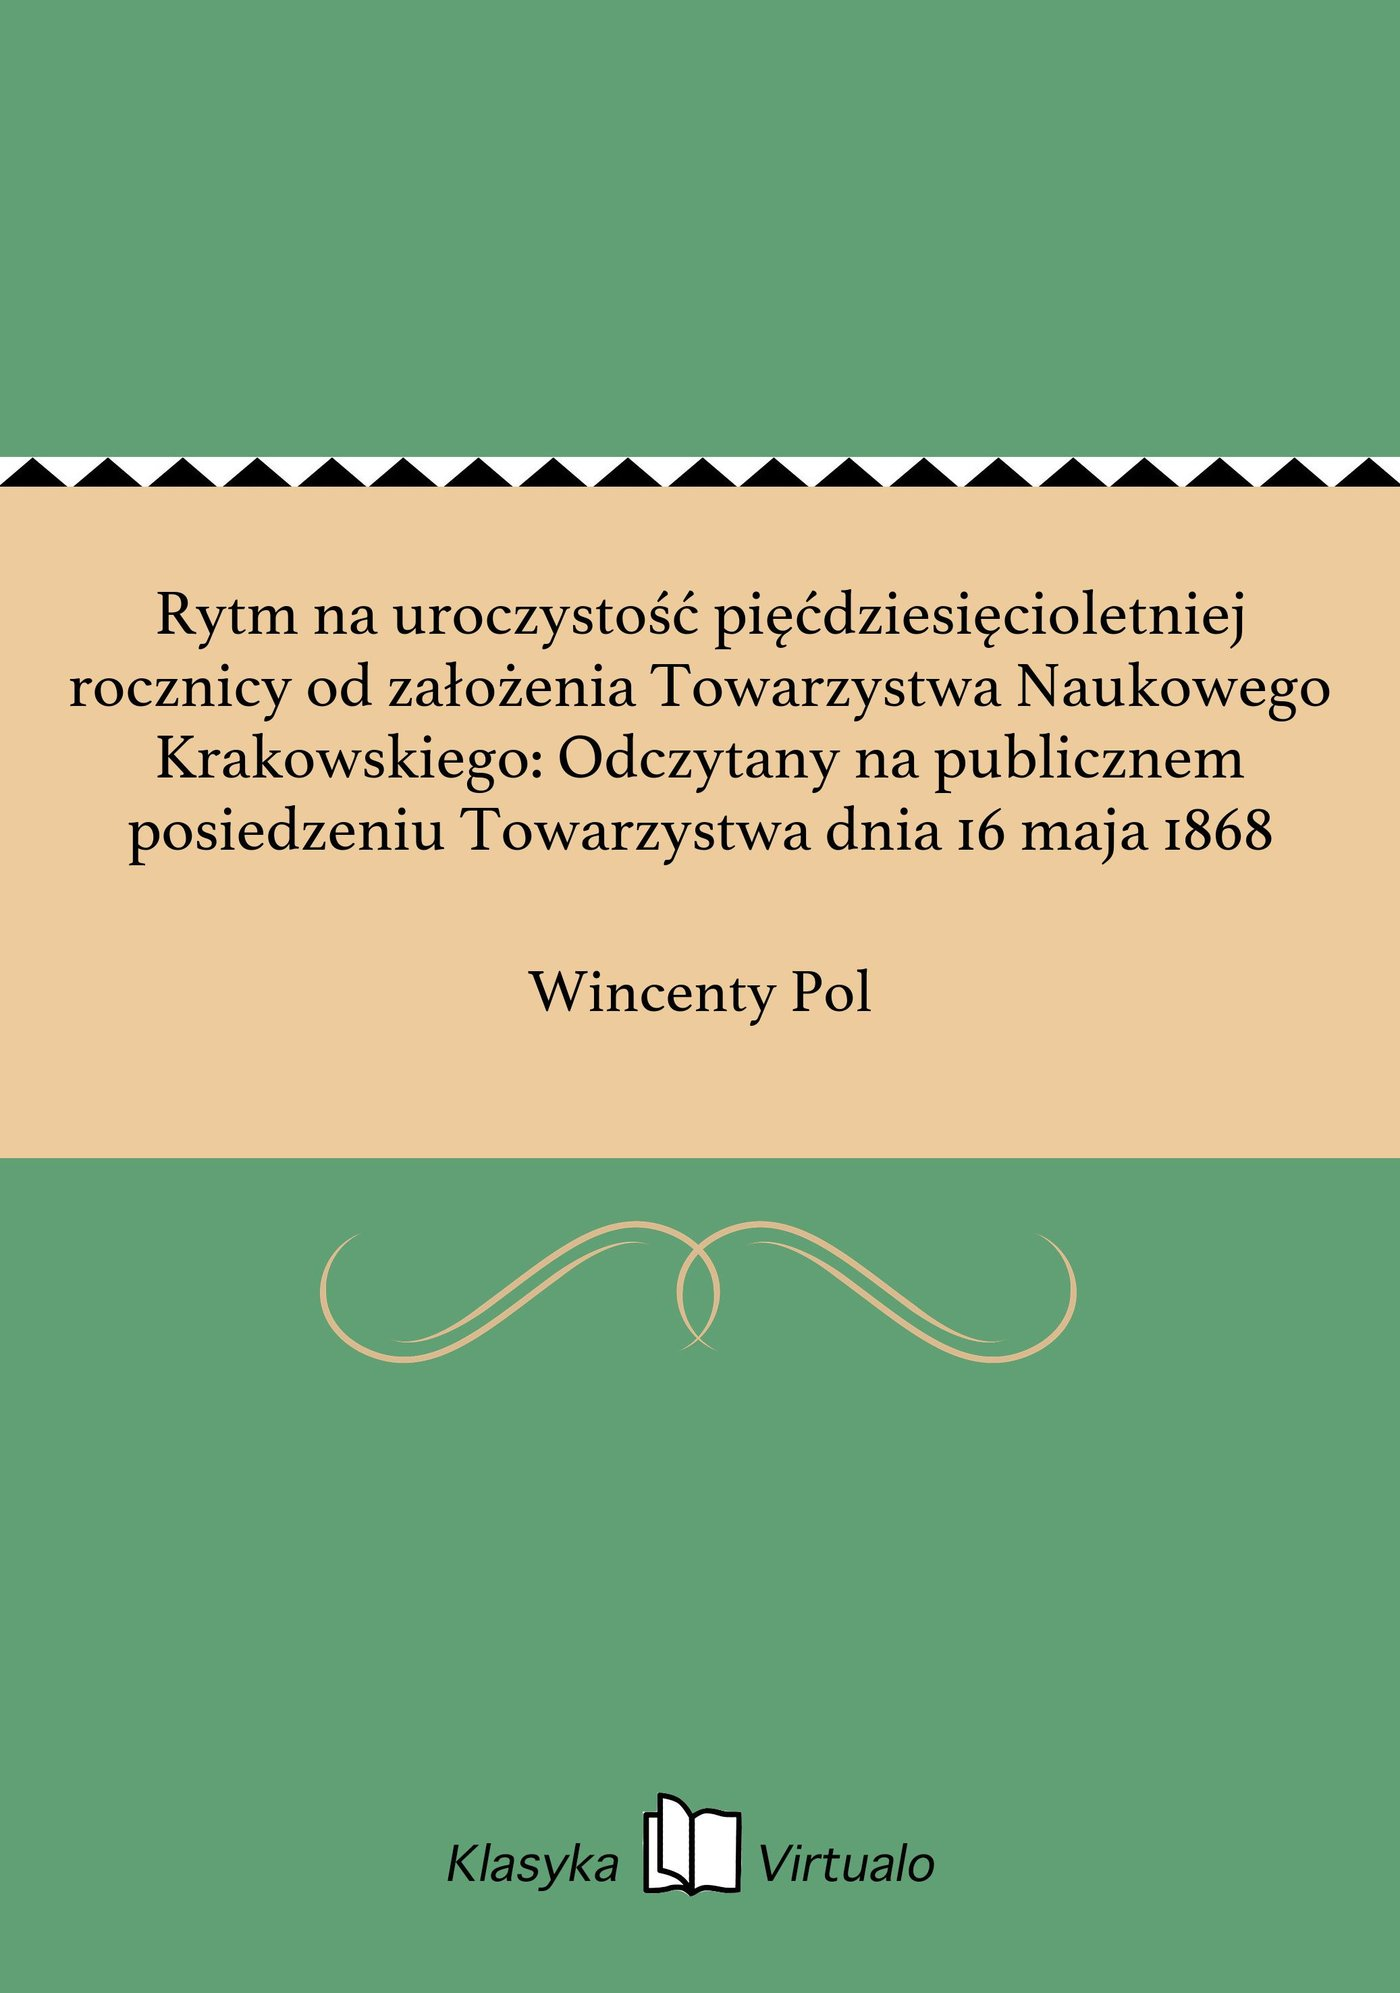 Rytm na uroczystość pięćdziesięcioletniej rocznicy od założenia Towarzystwa Naukowego Krakowskiego: Odczytany na publicznem posiedzeniu Towarzystwa dnia 16 maja 1868 - Ebook (Książka EPUB) do pobrania w formacie EPUB